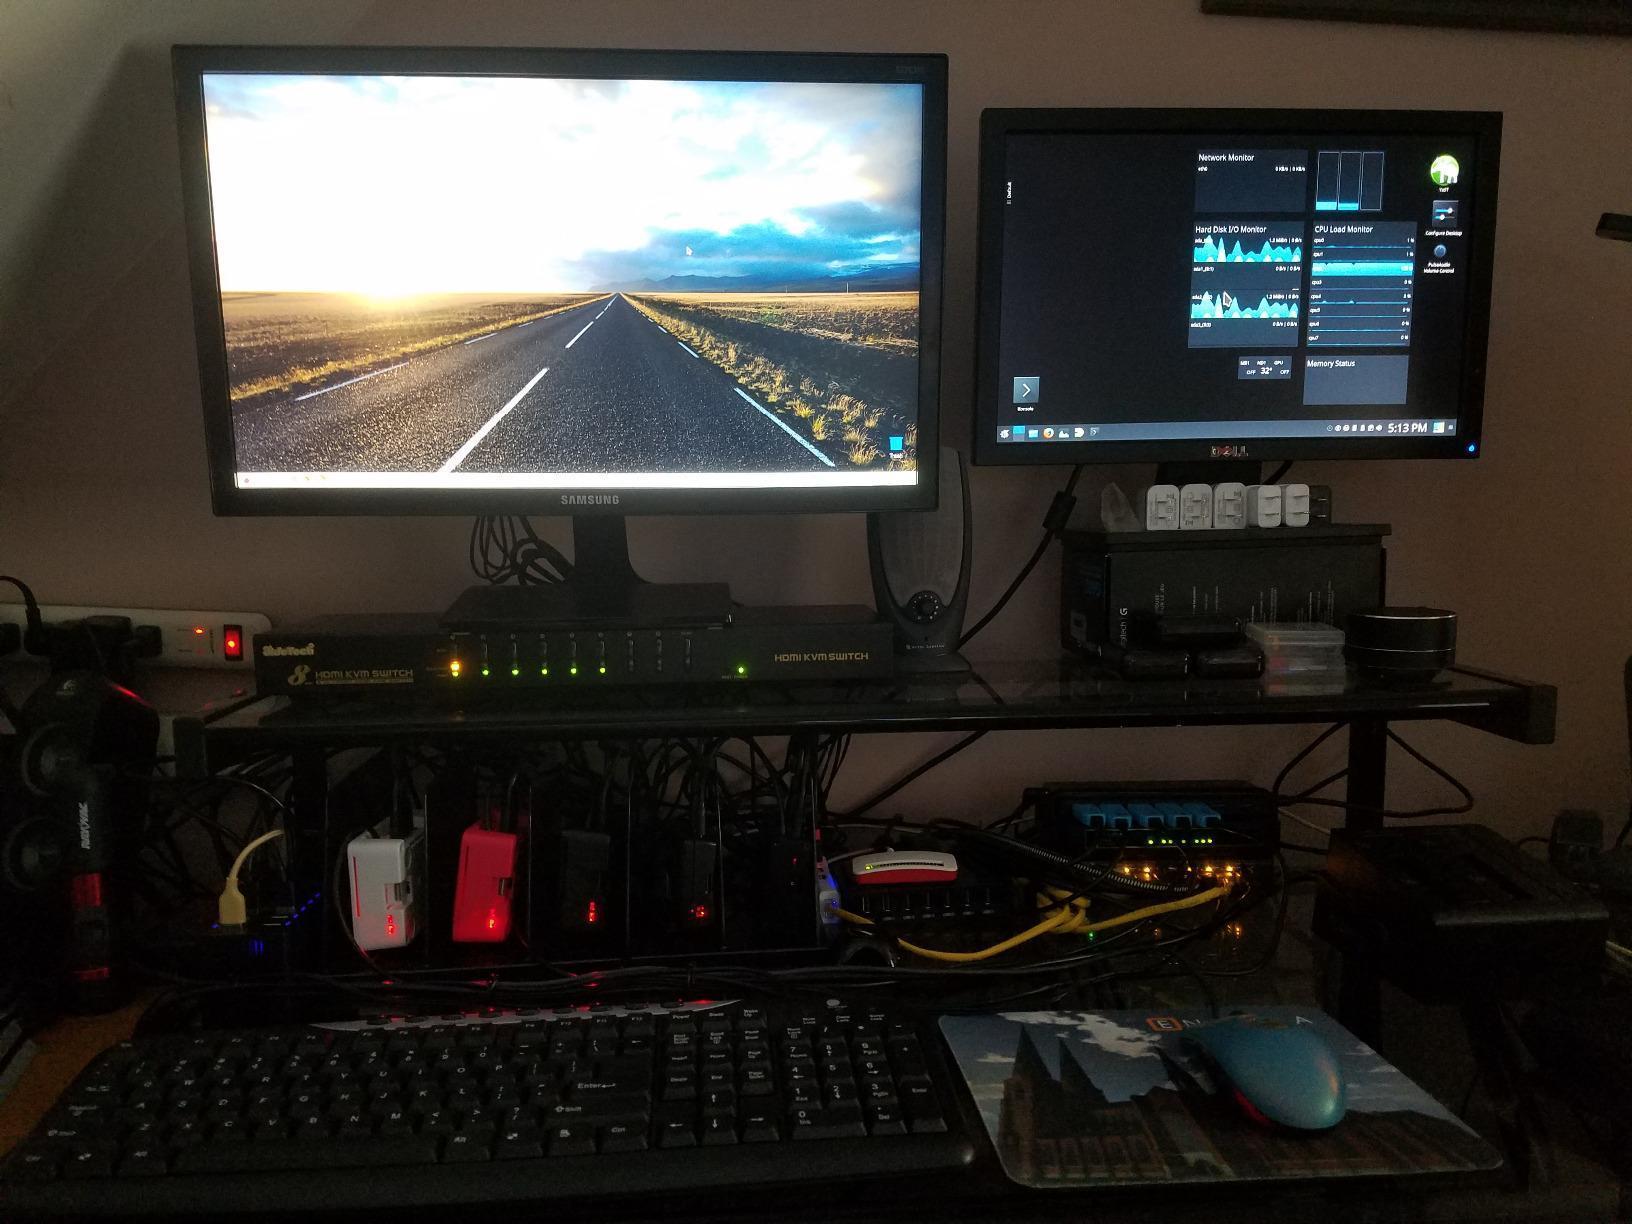 JideTech KVM Switch HDMI 4 Port USB Keyboard Video Mouse